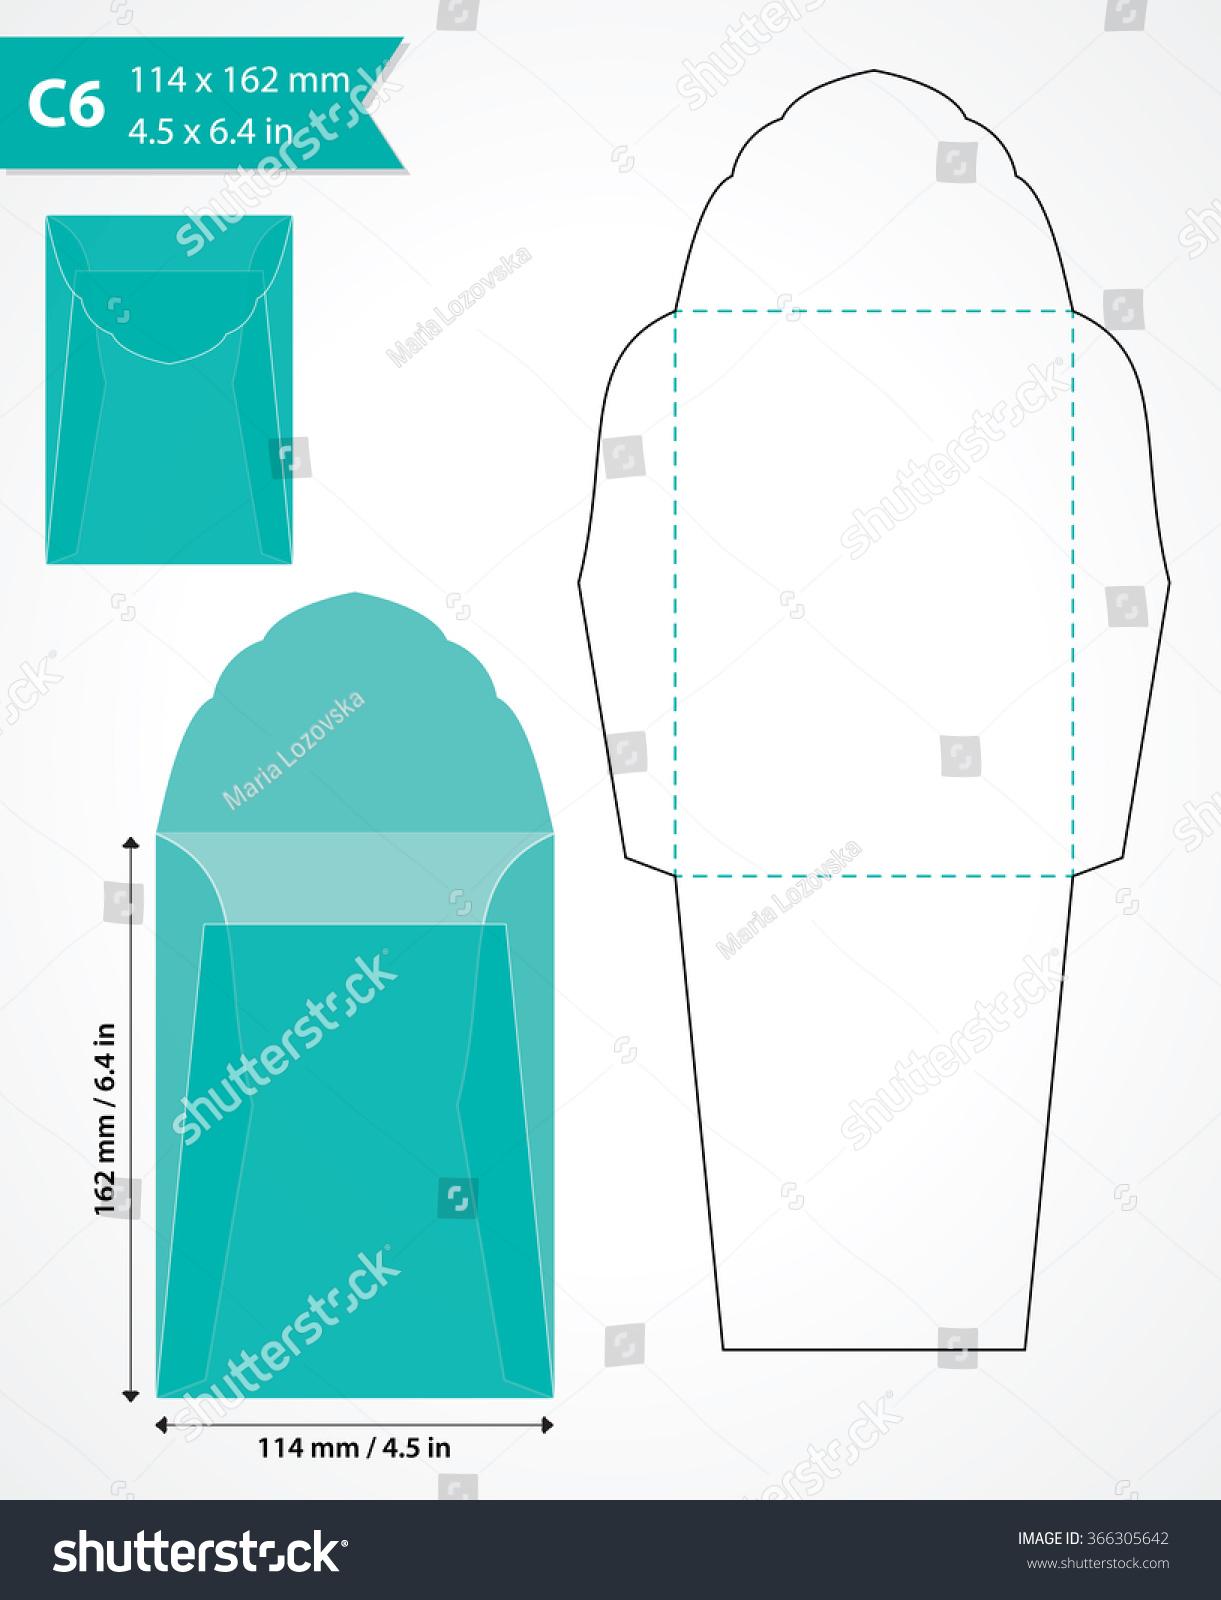 die cut templates - 28 images - die cut bags free vector ...